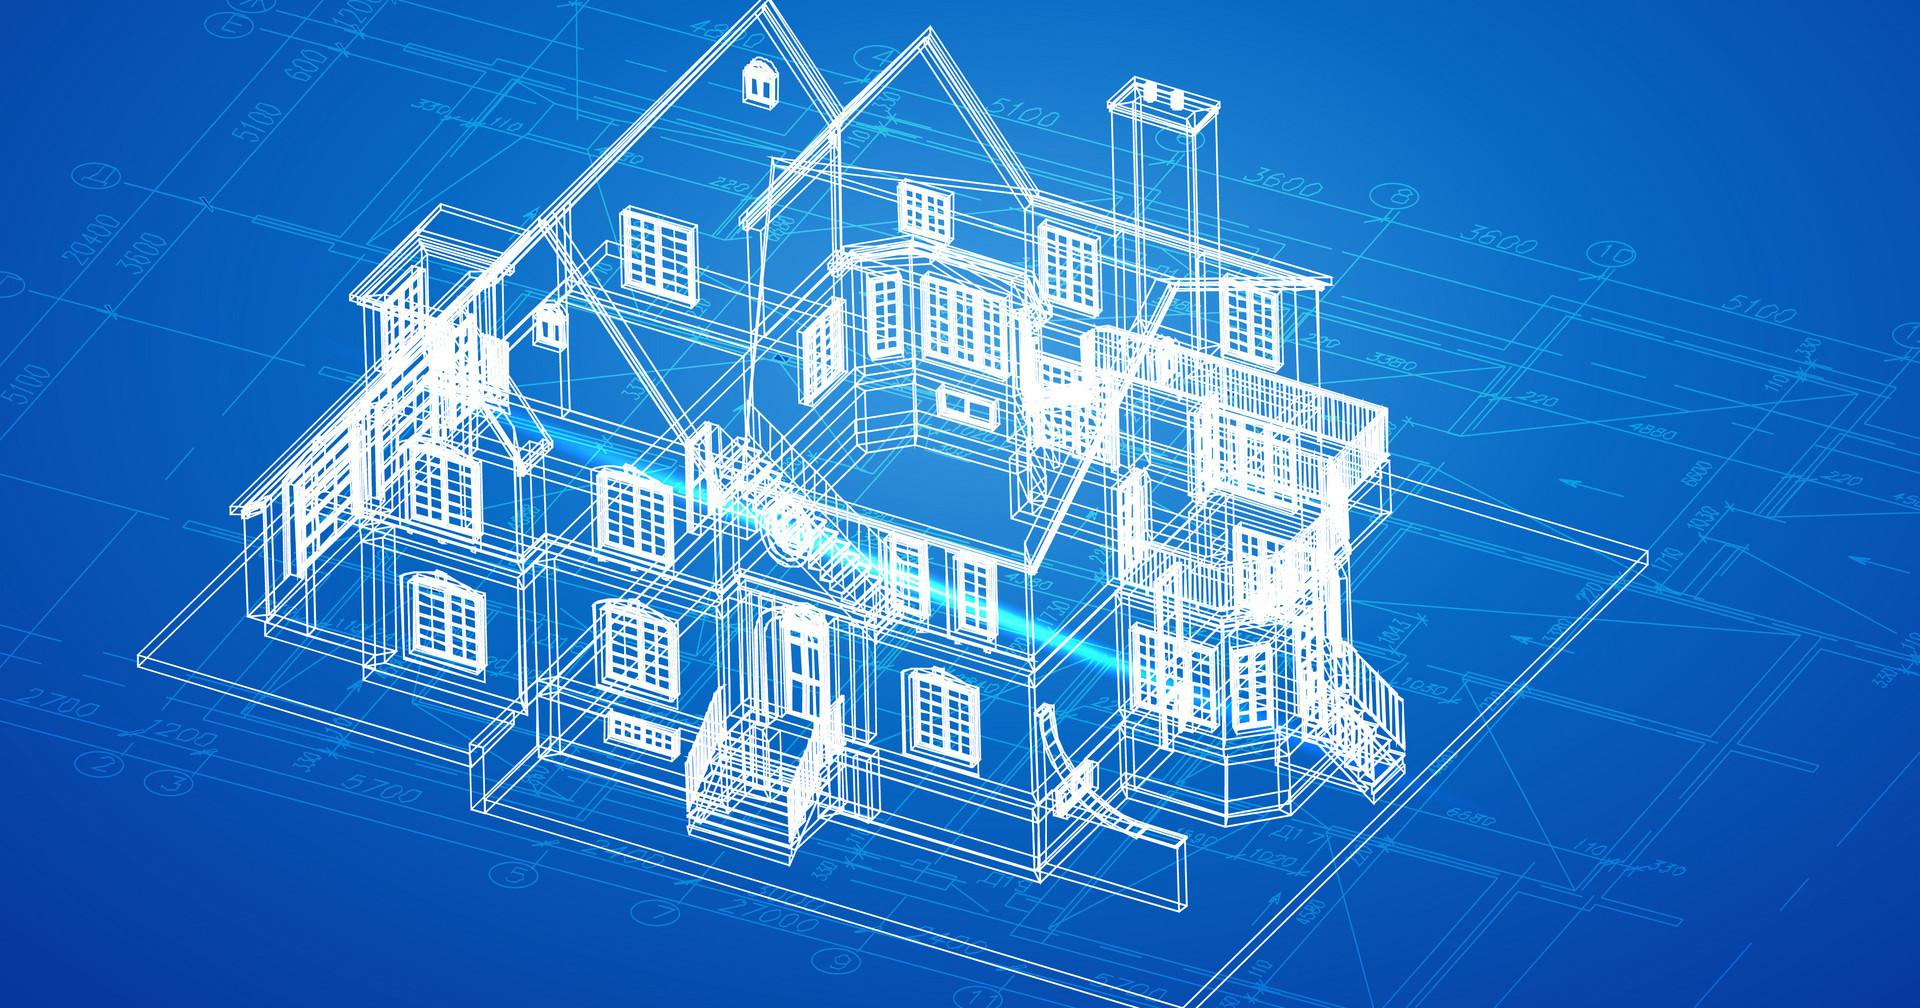 「亮家智能」智能家居行业发展的三个阶段